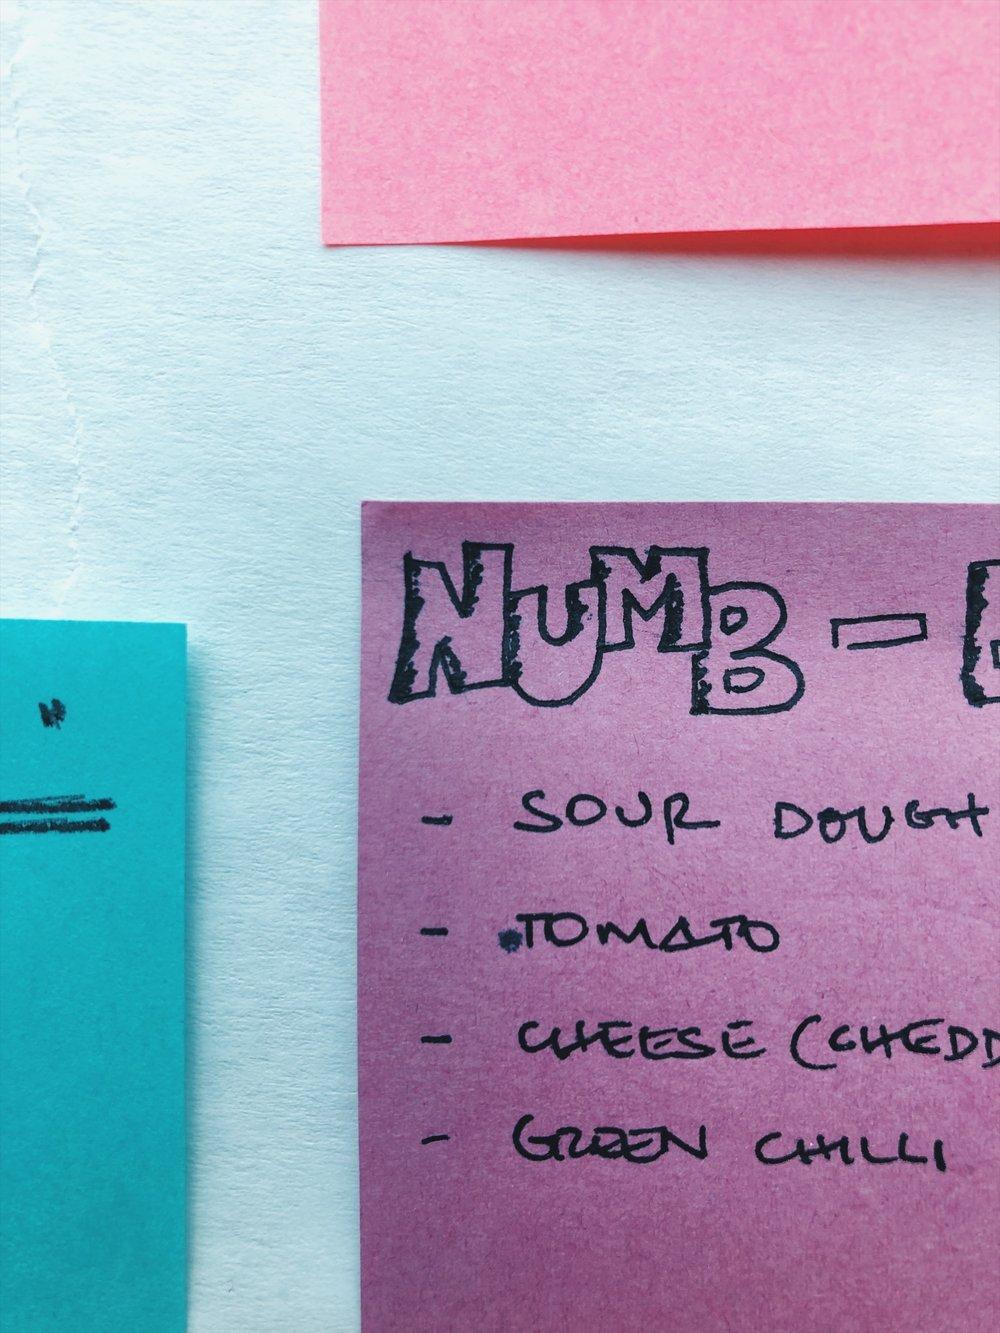 The numb-er